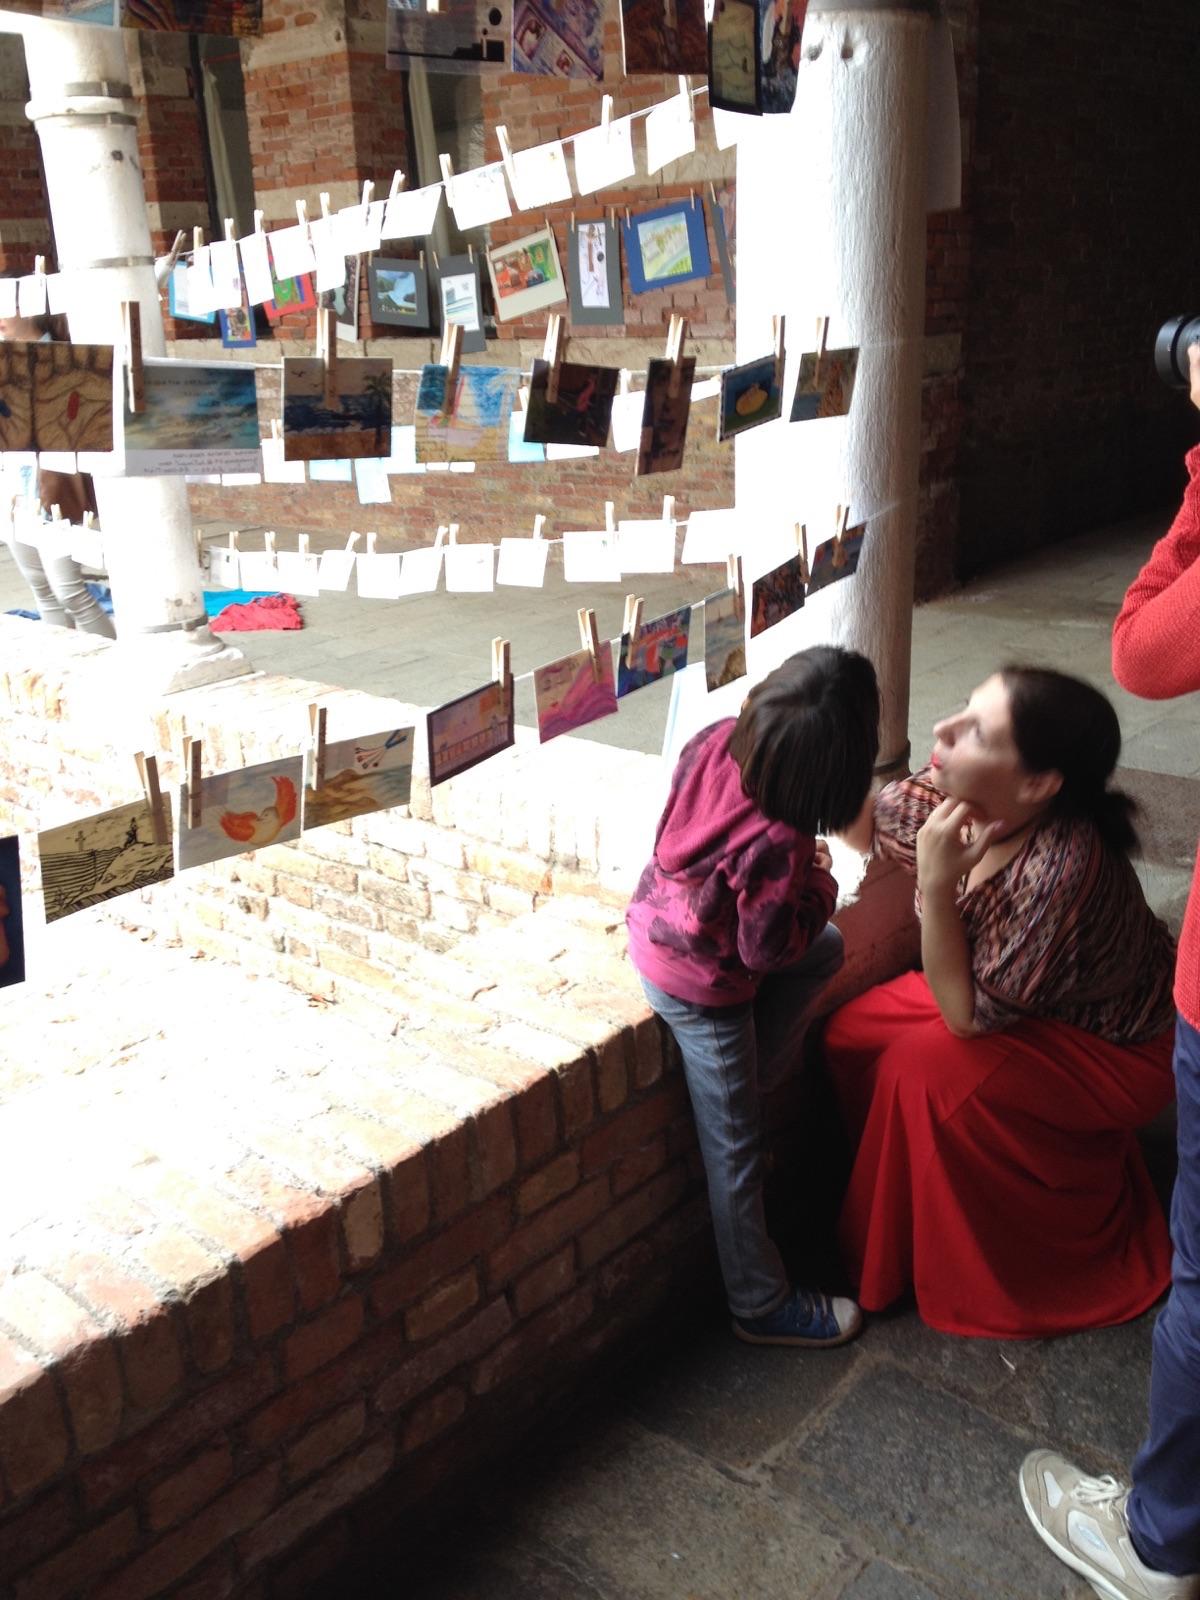 La exposición ha conmovido a mucha gente. Foto usada con permiso.